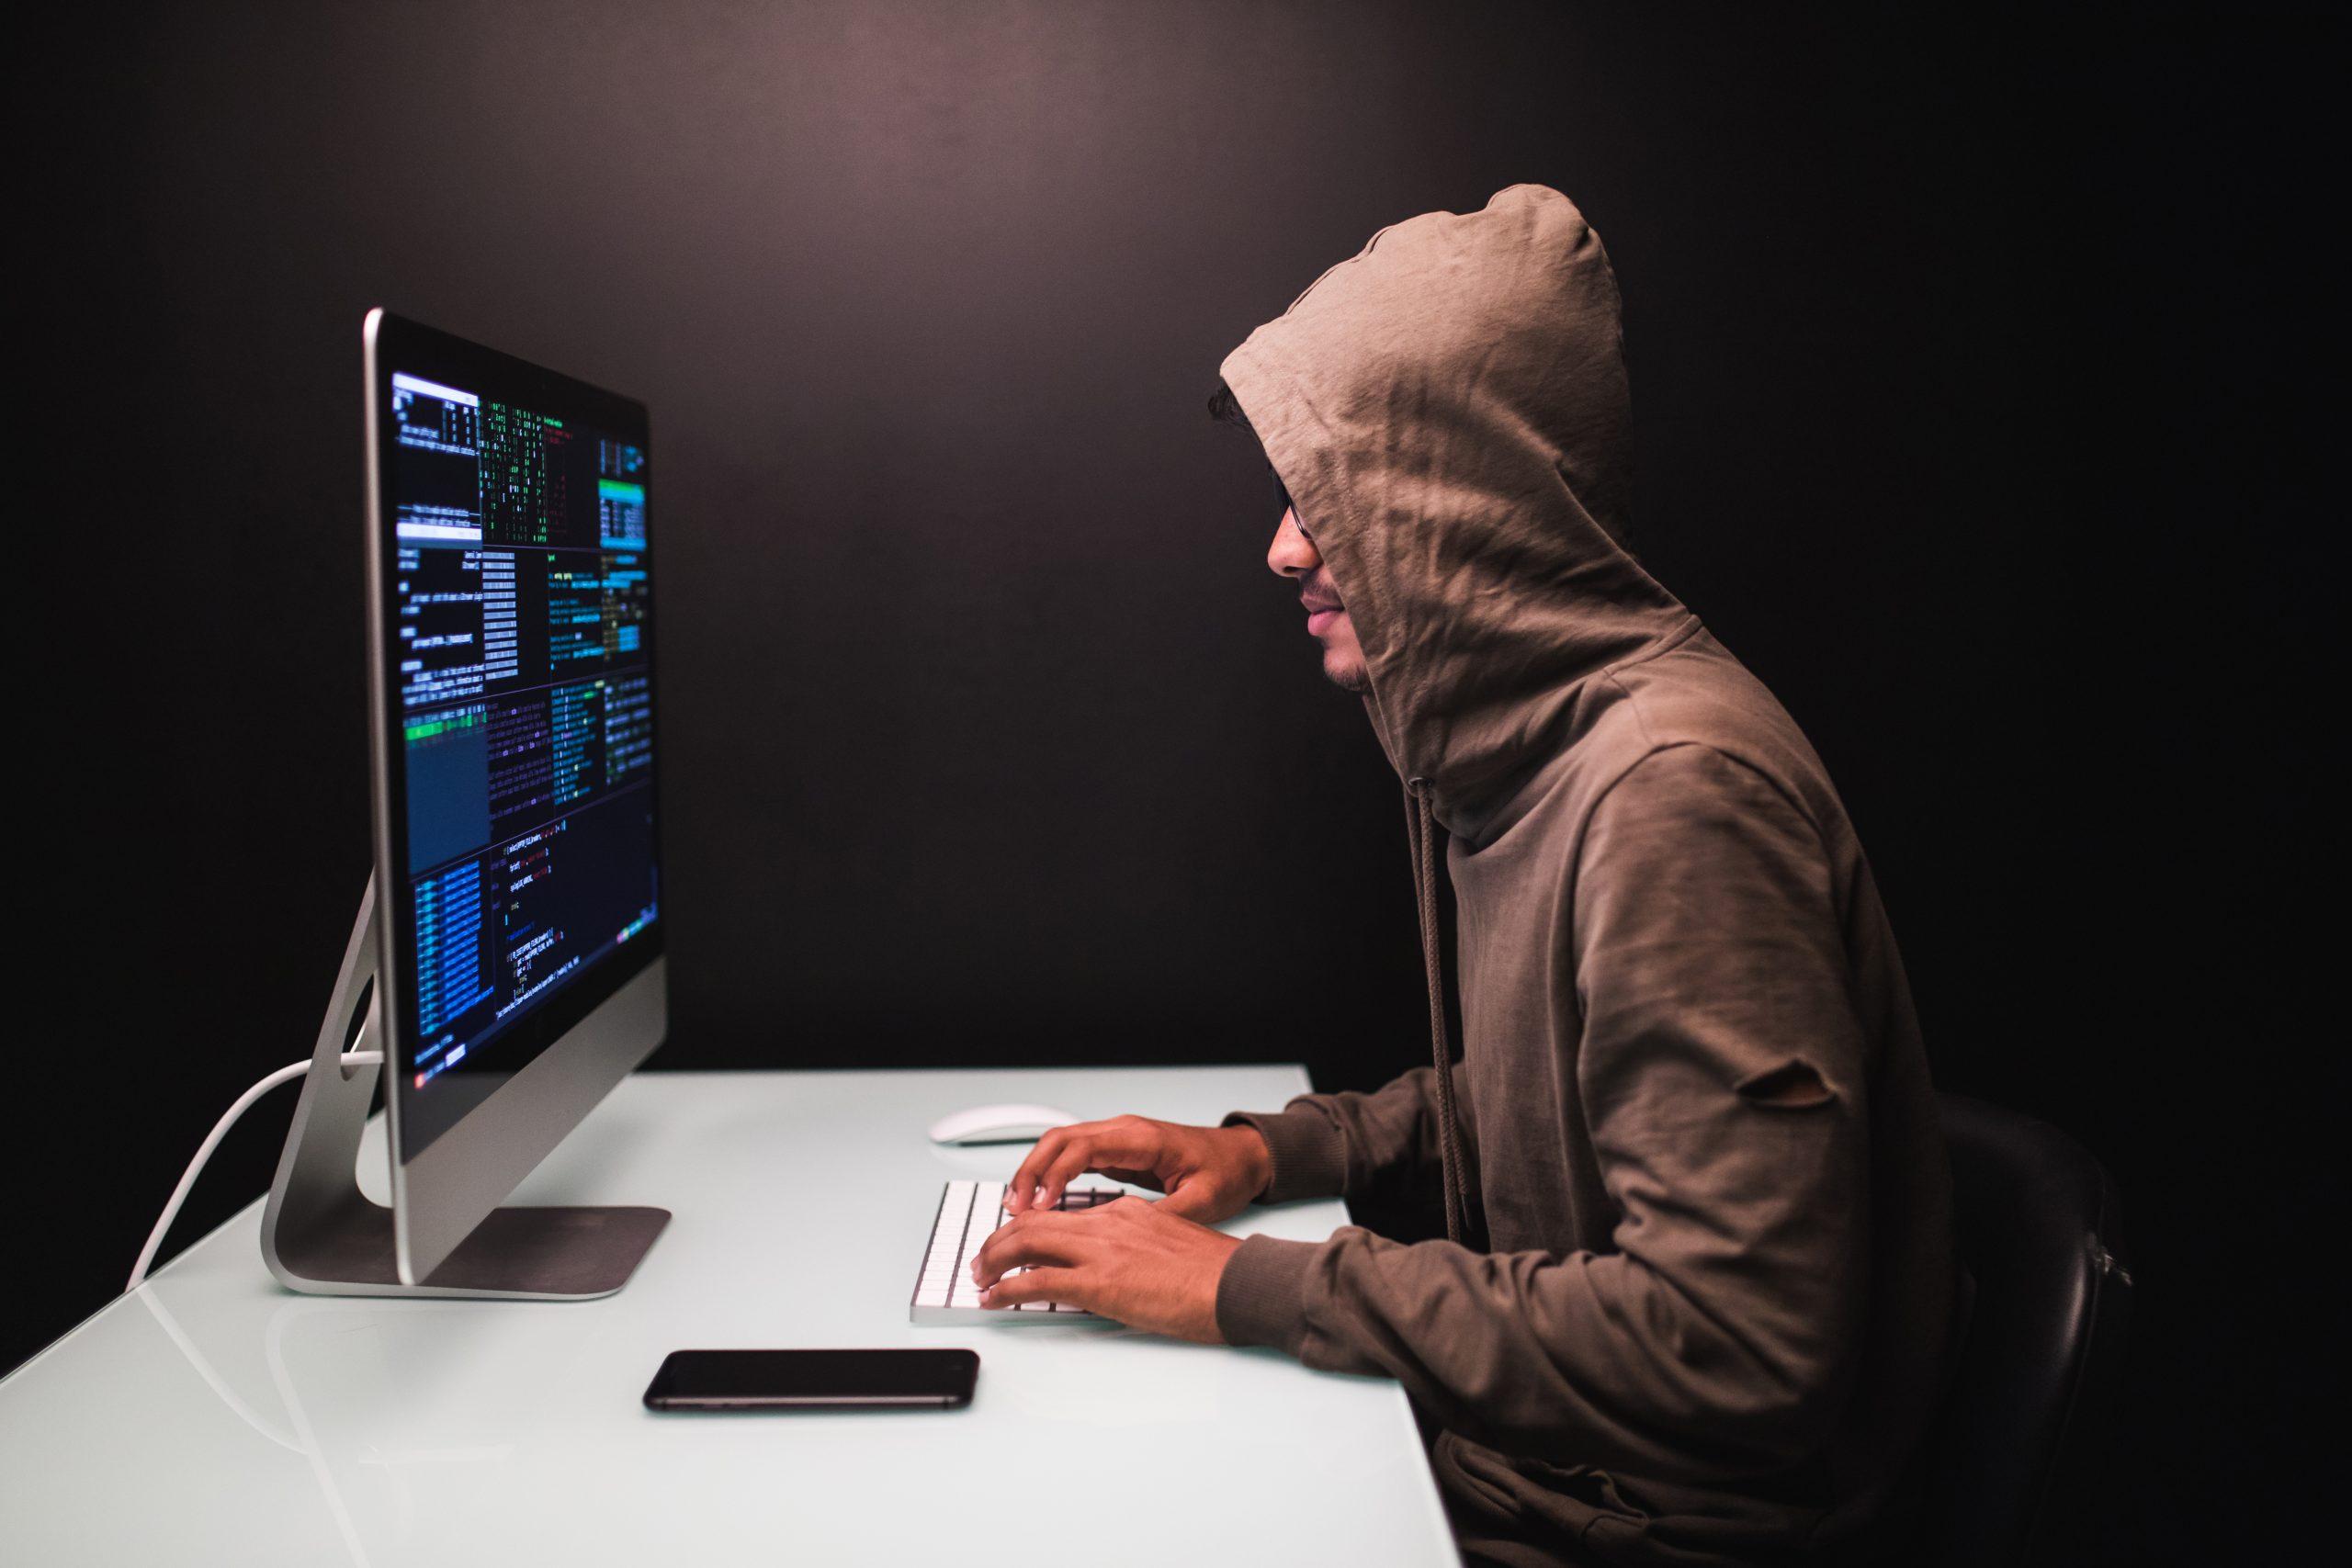 Atak DDoS - wyłączenie działania usługi